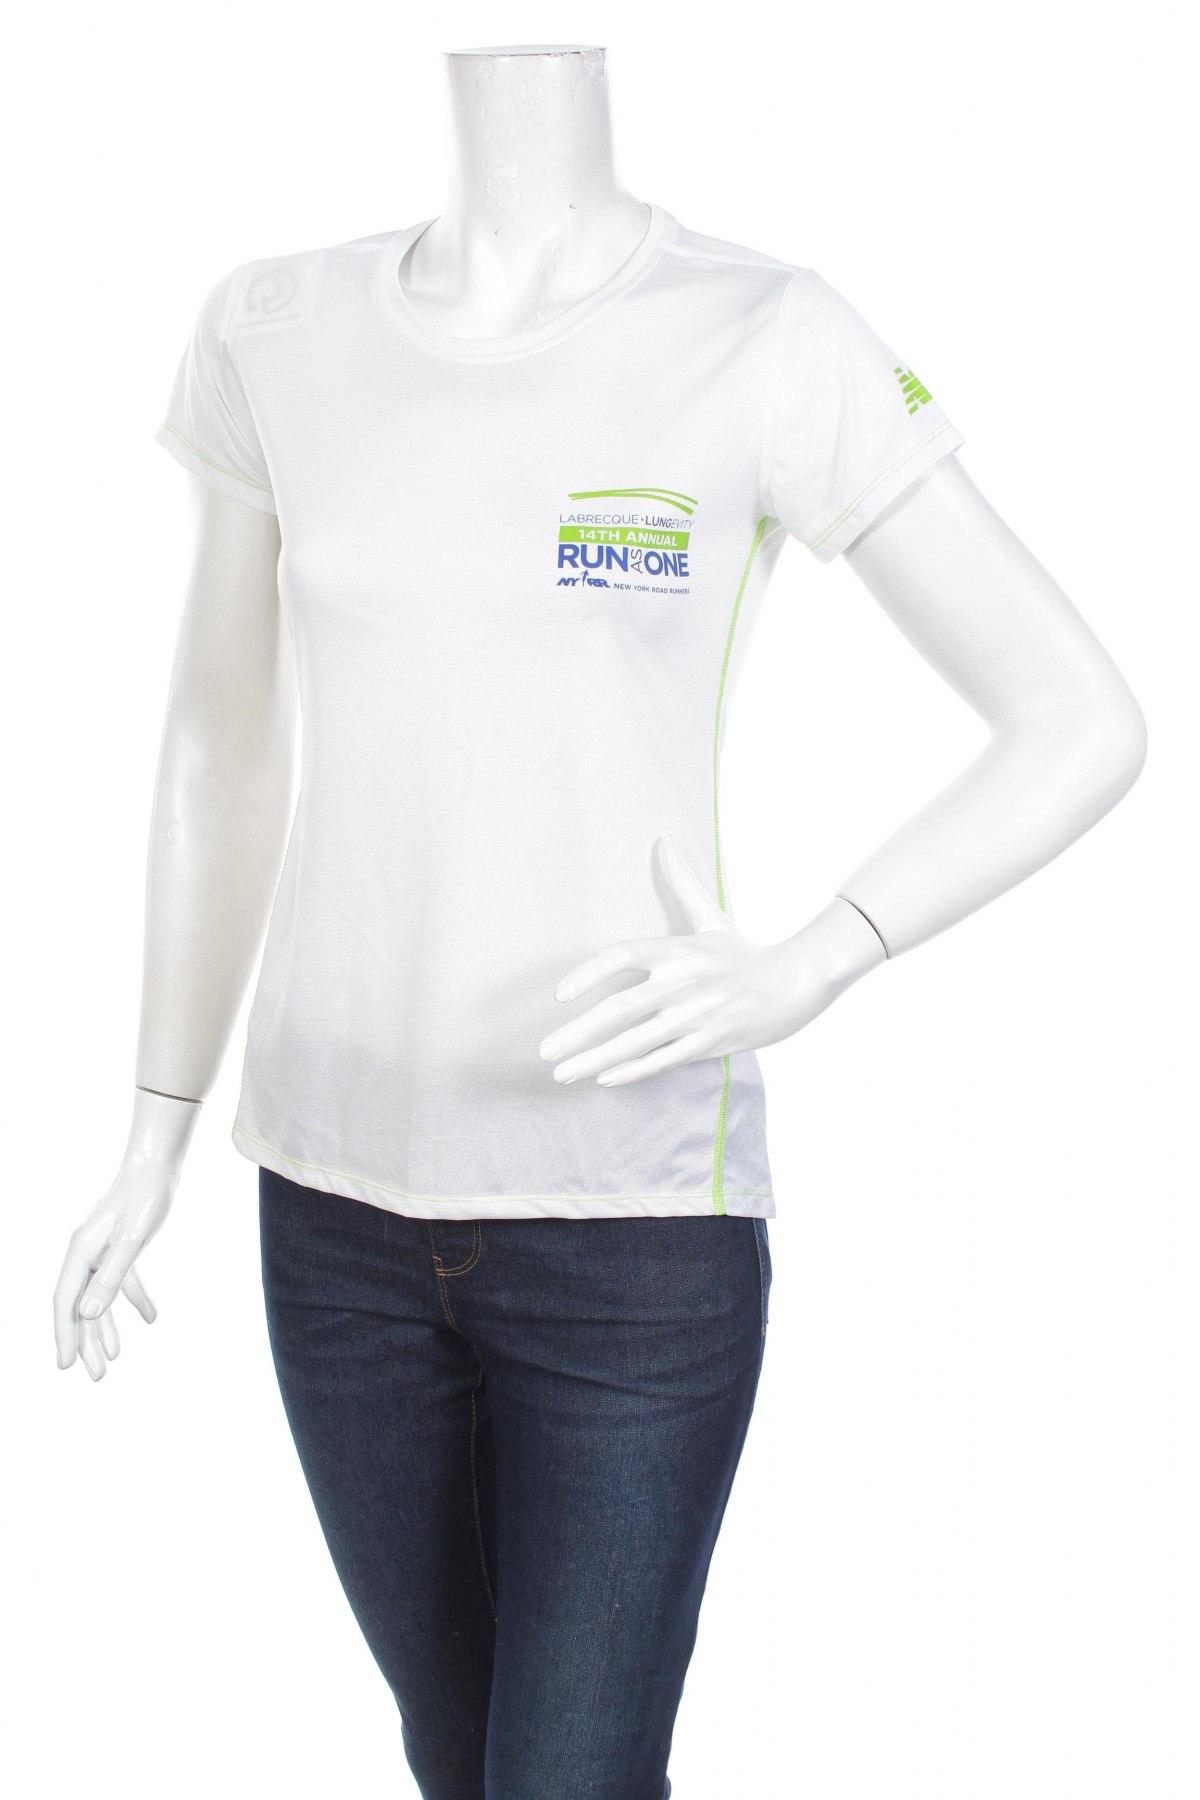 Dámské tričko New Balance - za výhodnou cenu v Remixu -  101531911 f35e156e1f